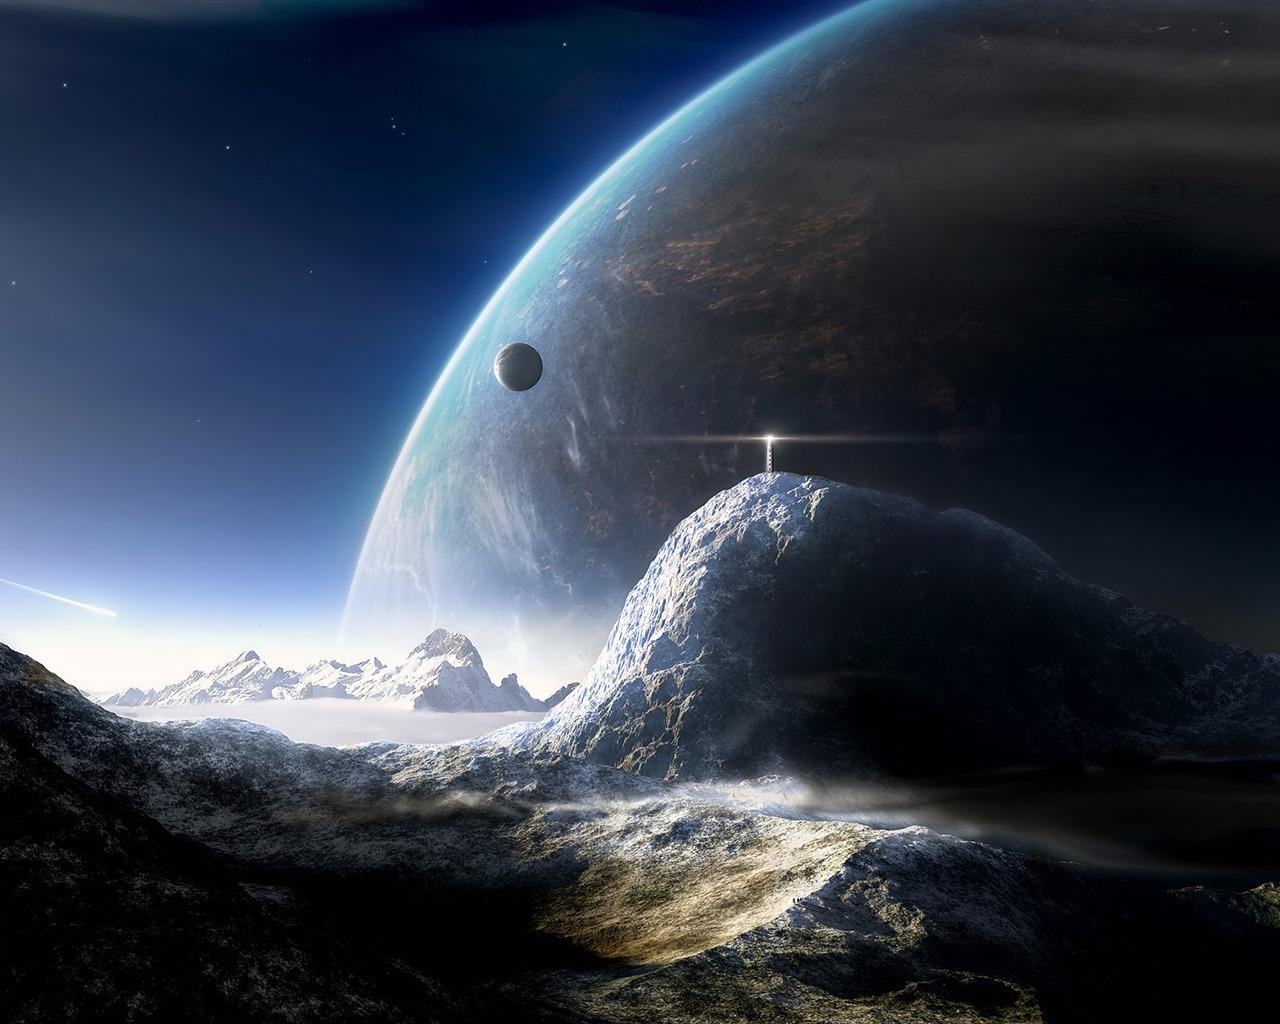 灯台が見える宇宙の画像